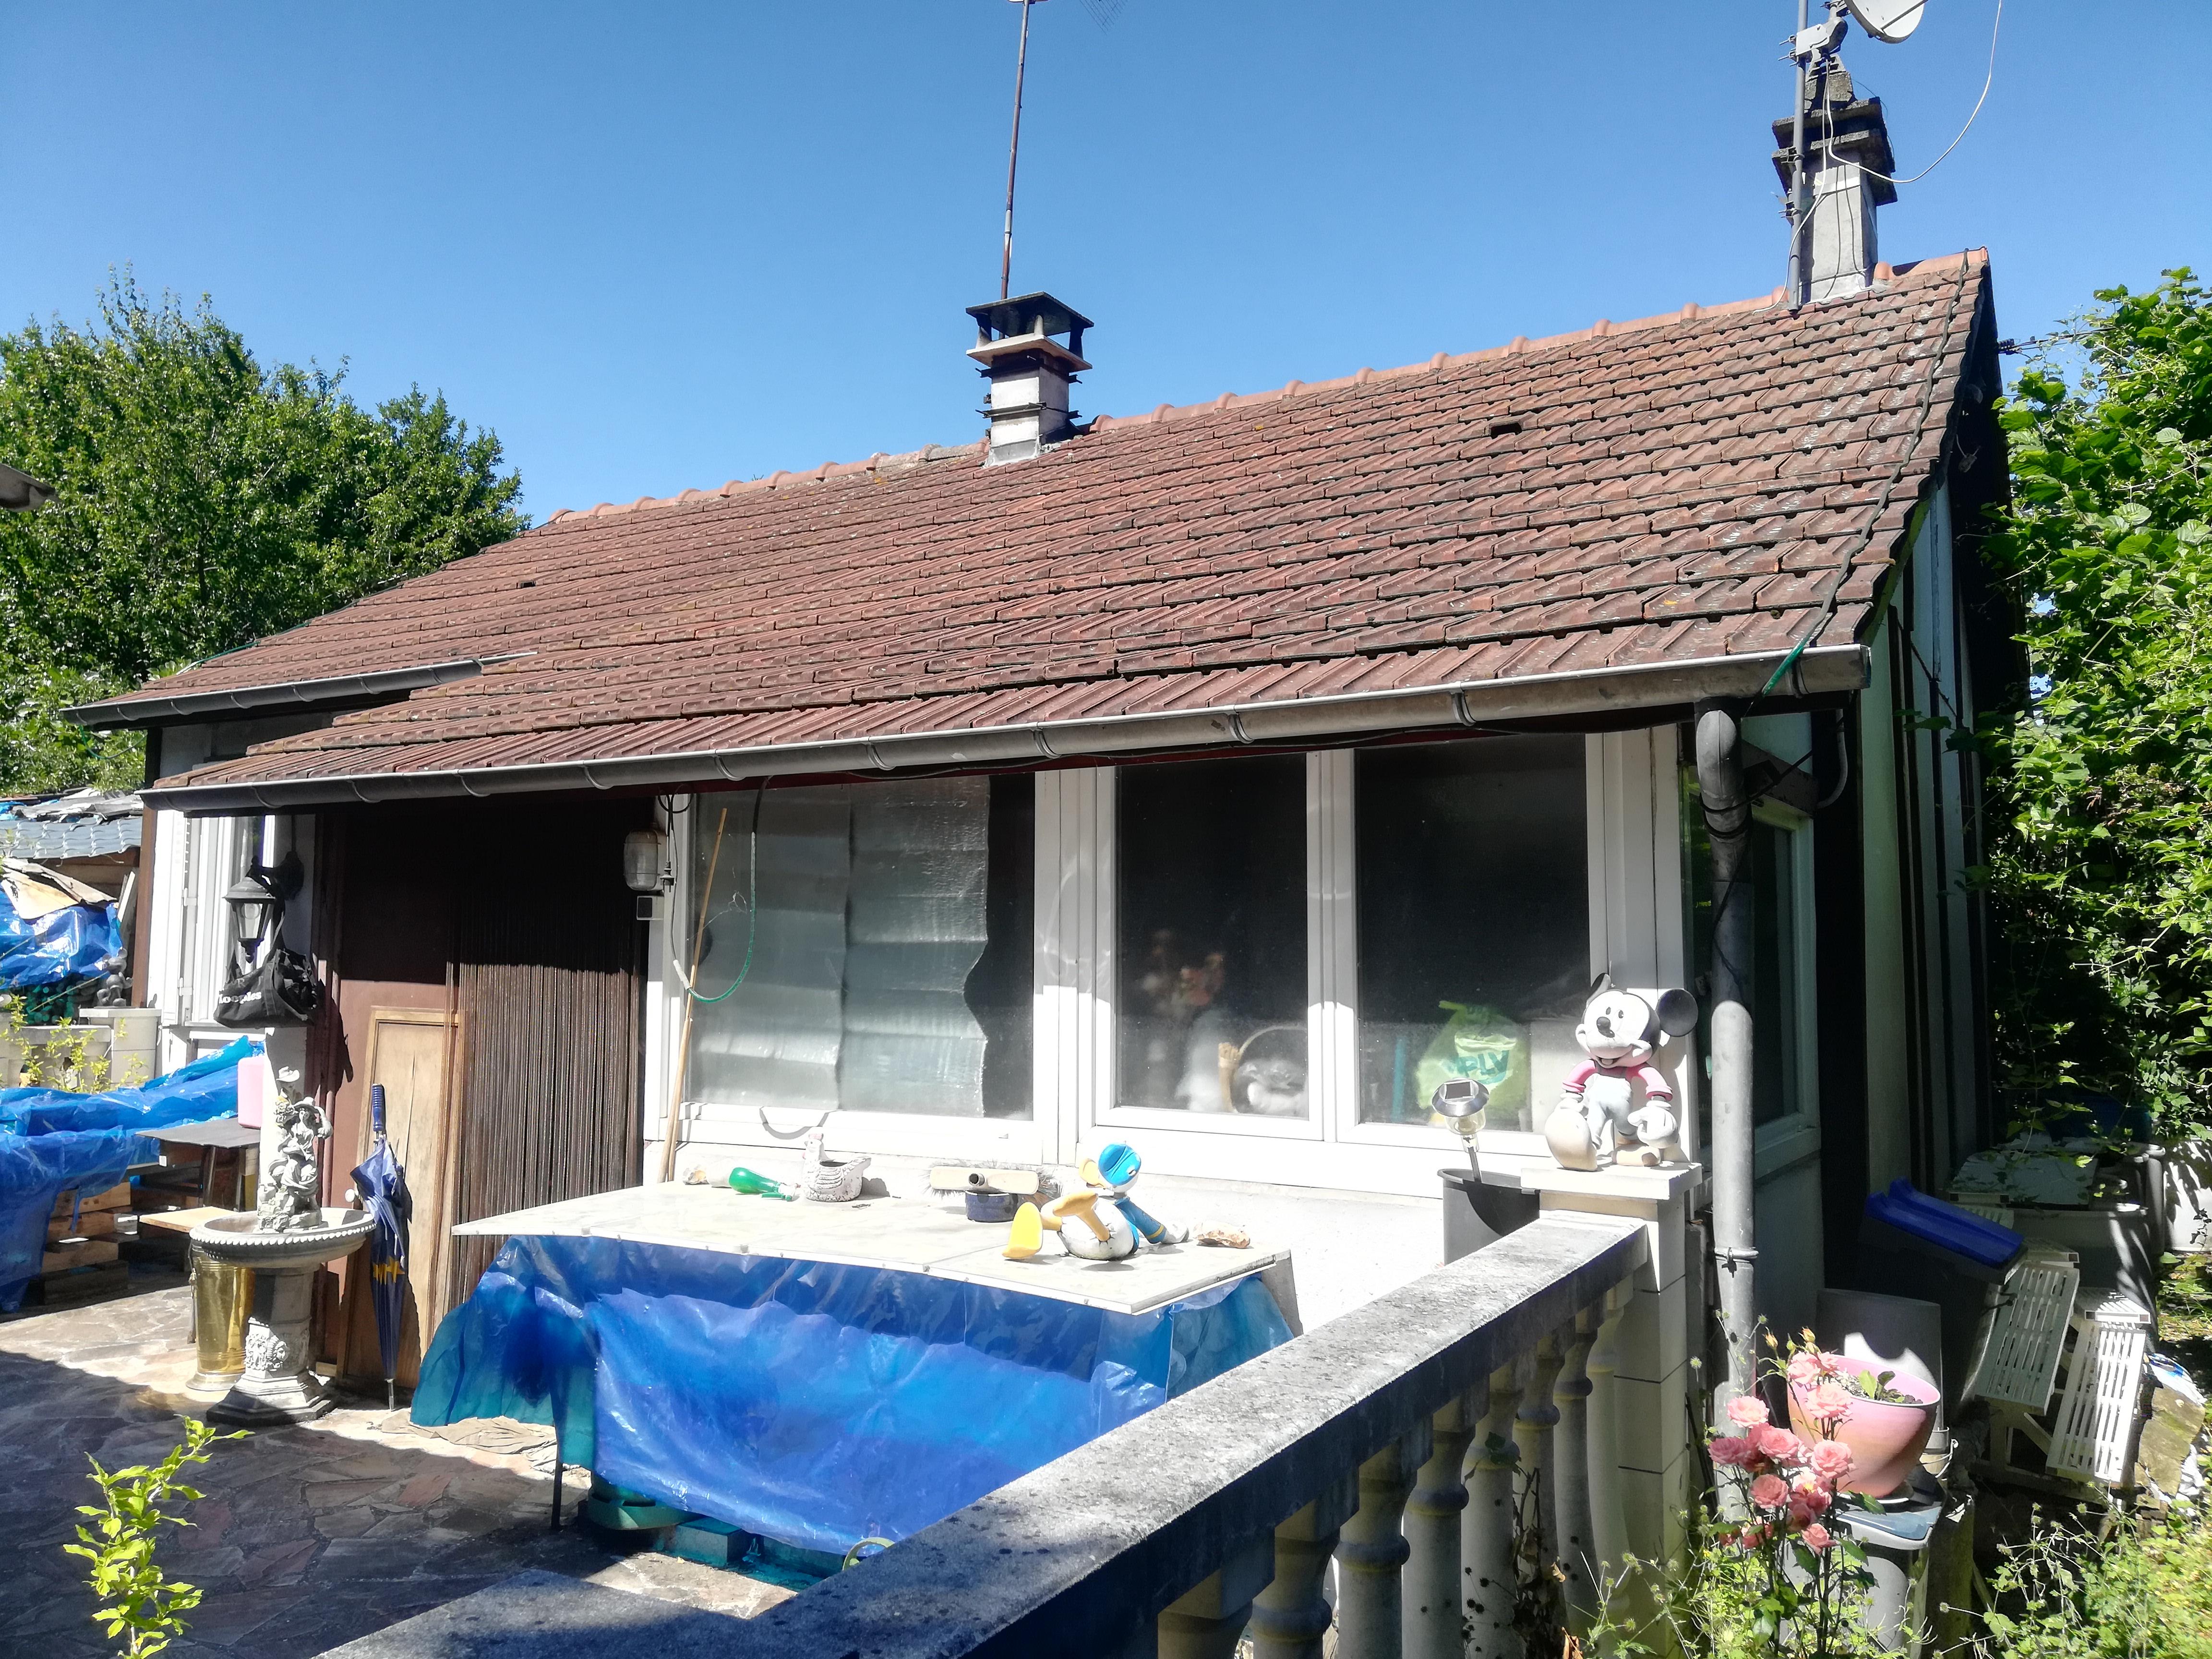 Maison 3 pièces 50m2 à Villiers sur Marne